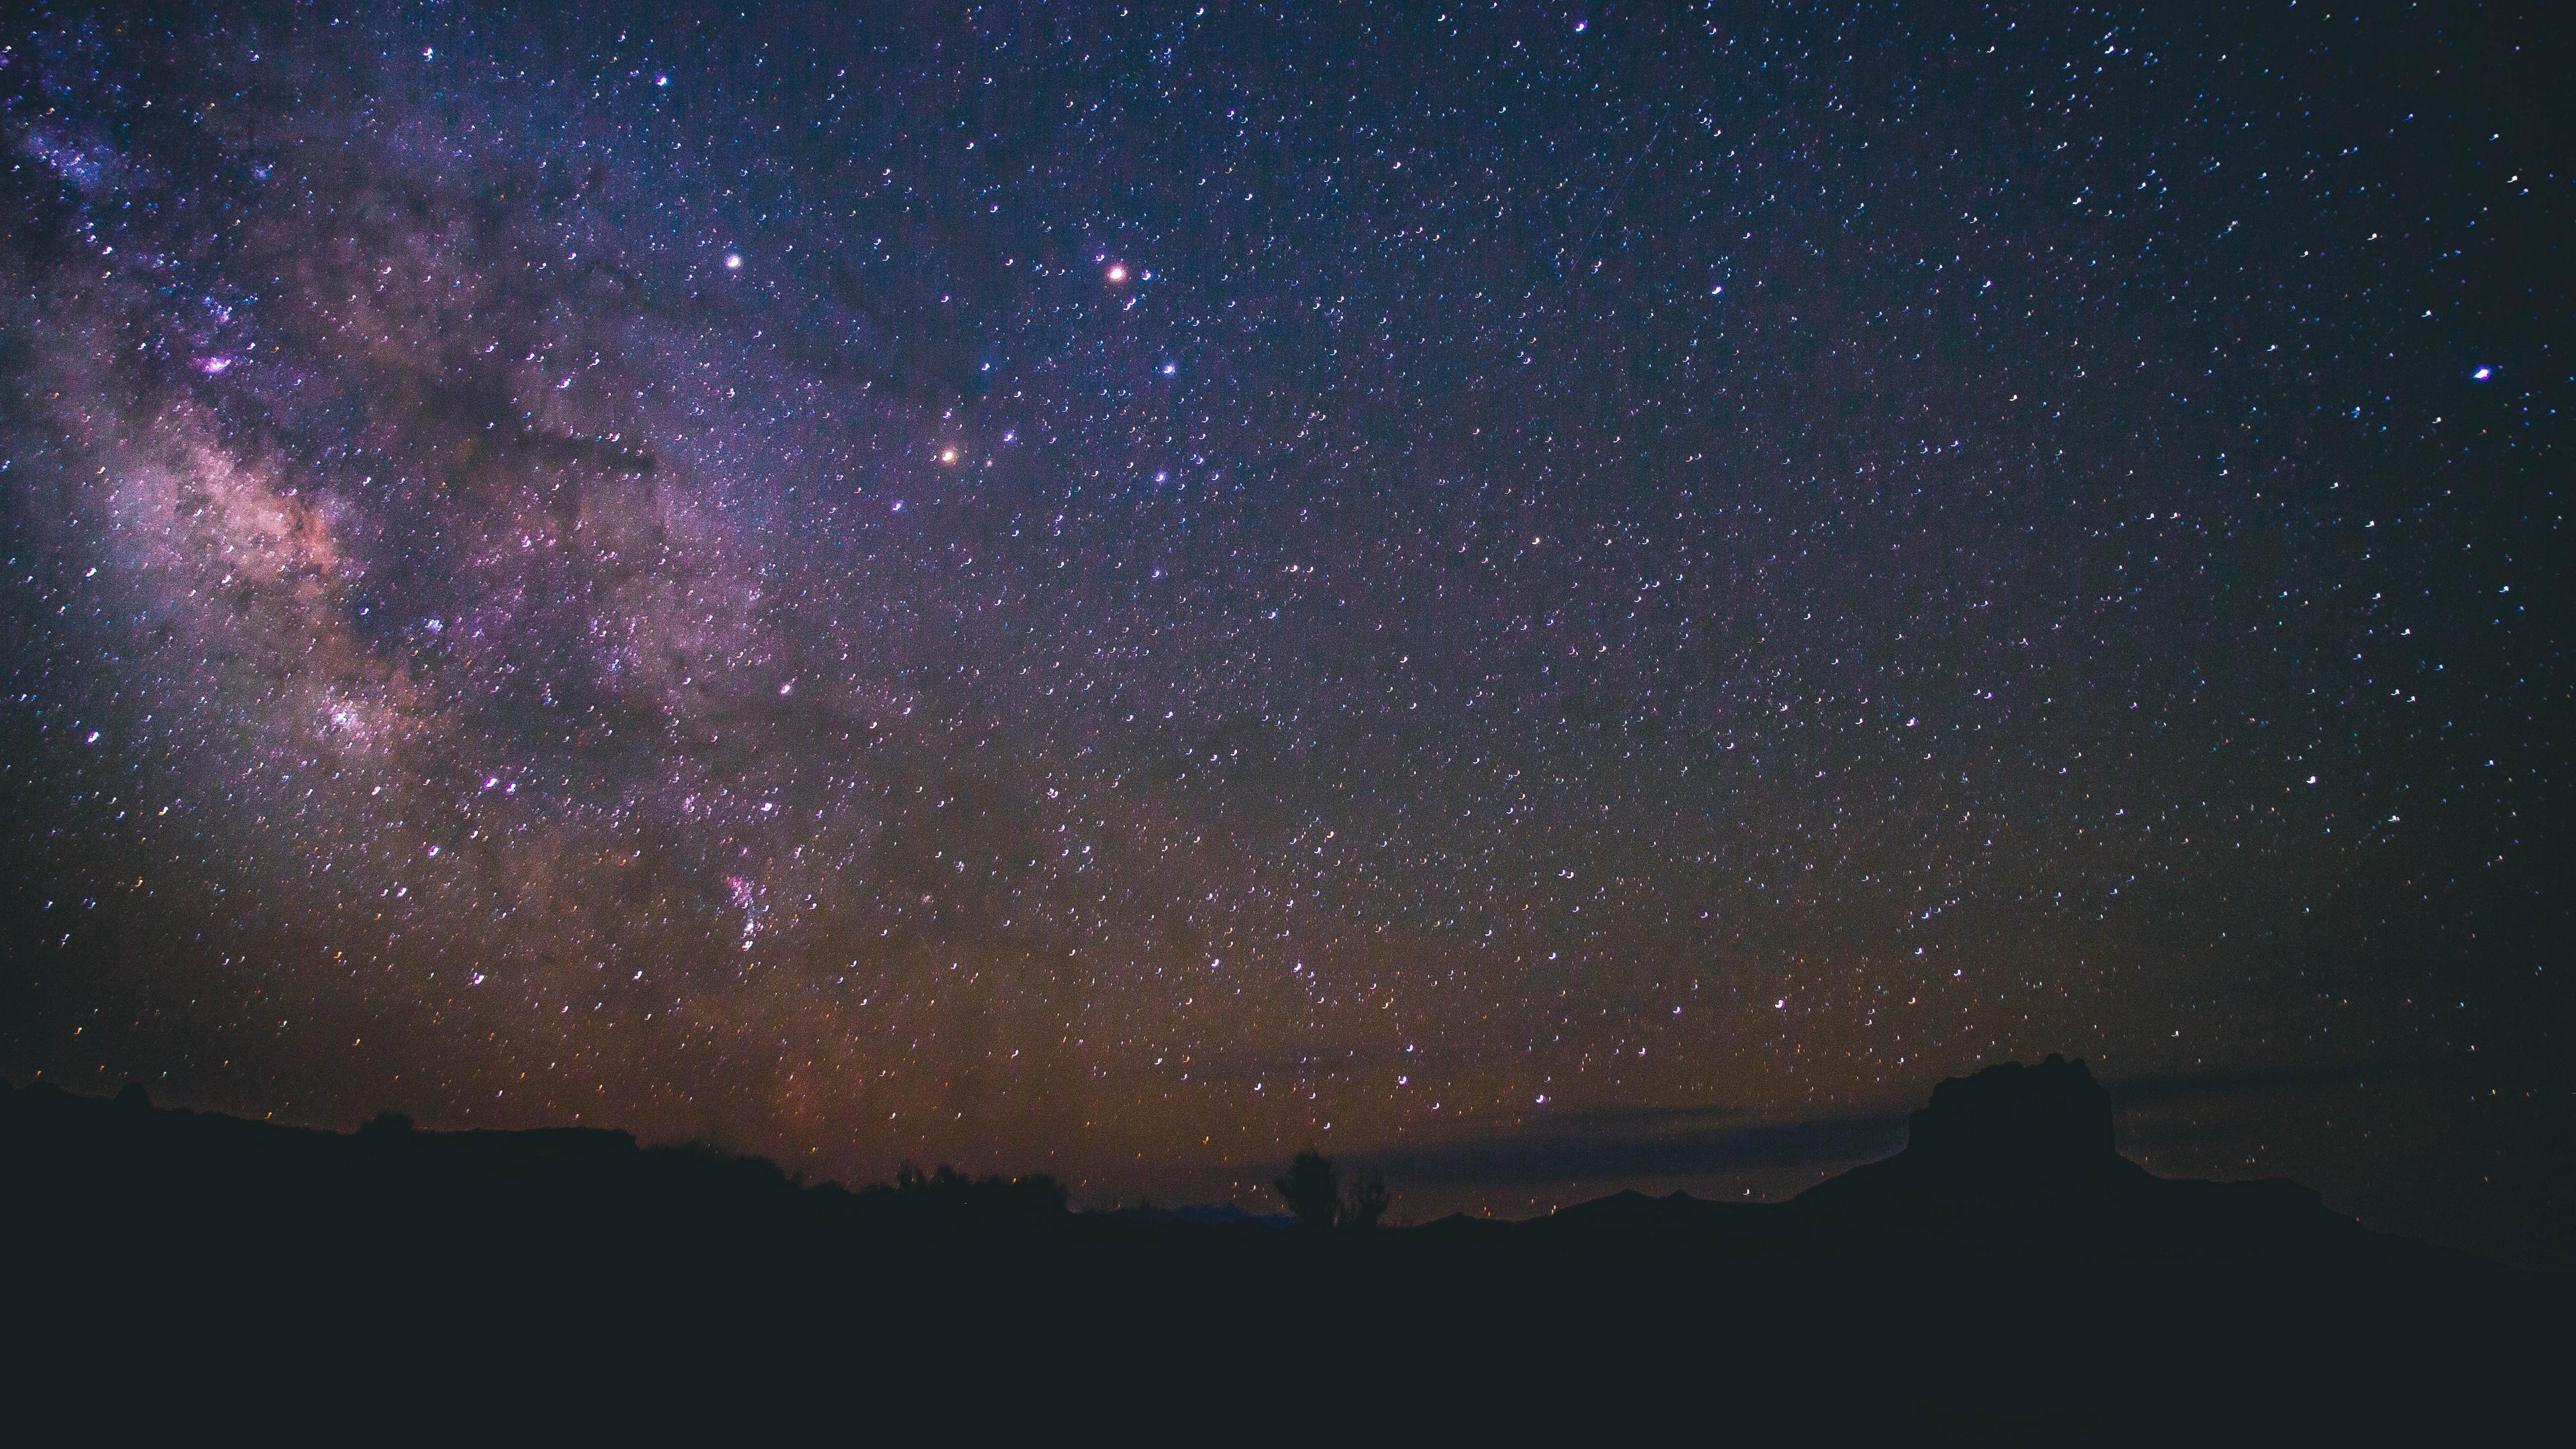 starry sky universe galaxy 4k 1536017104 - starry sky, universe, galaxy 4k - Universe, starry sky, Galaxy